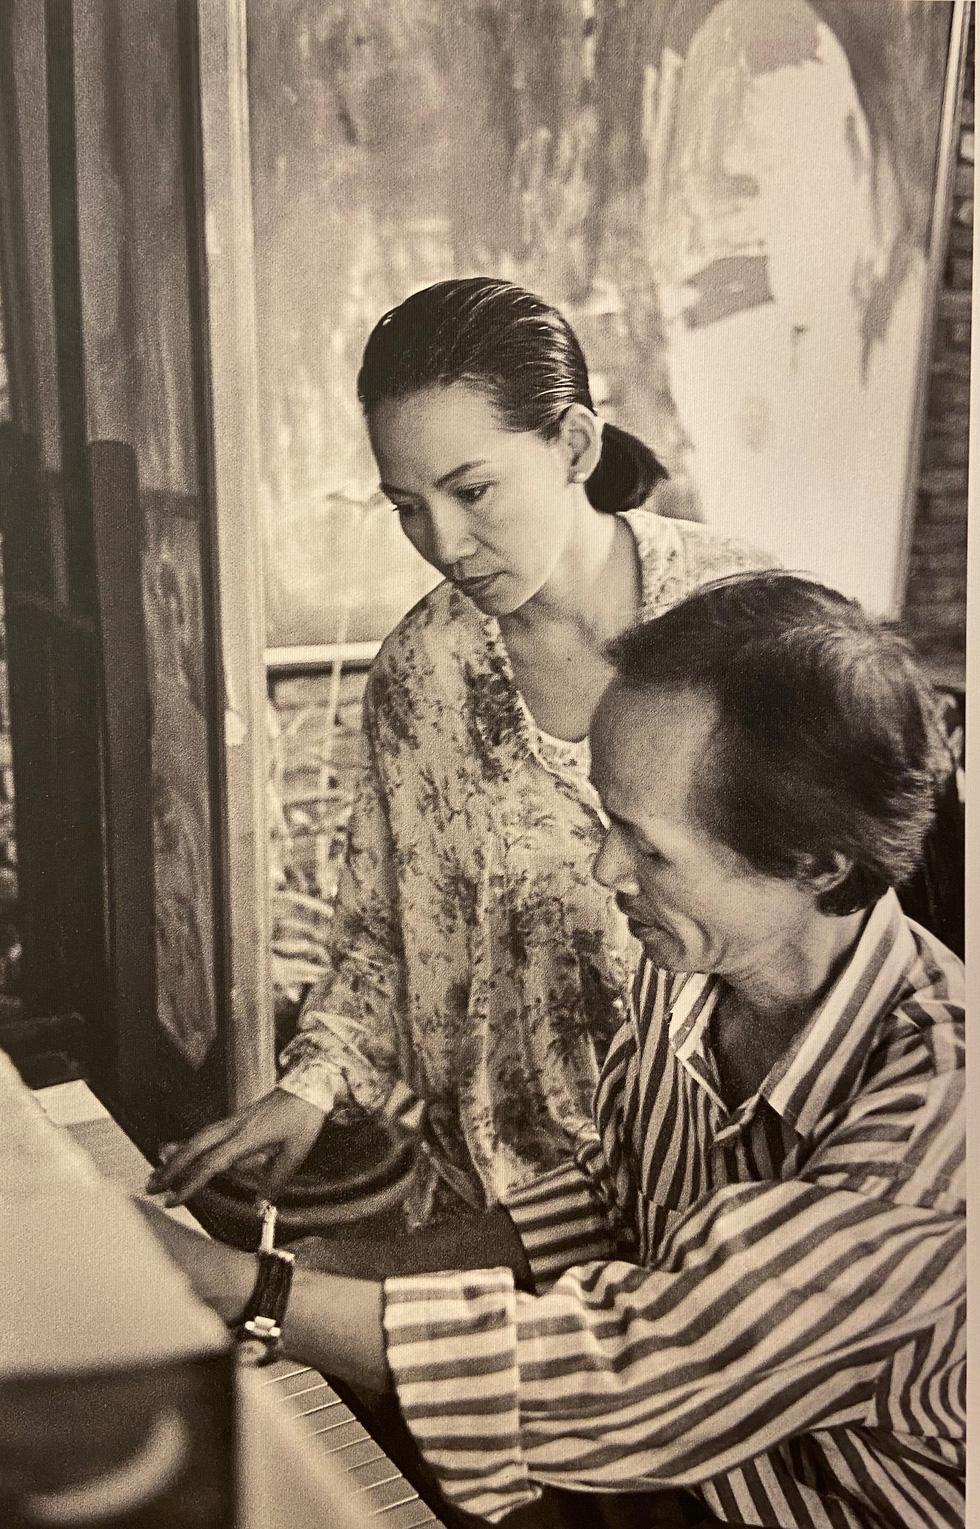 1.000 ảnh và hiện vật quý về Trịnh Công Sơn lần đầu tiên công bố sau 26 năm - Ảnh 8.